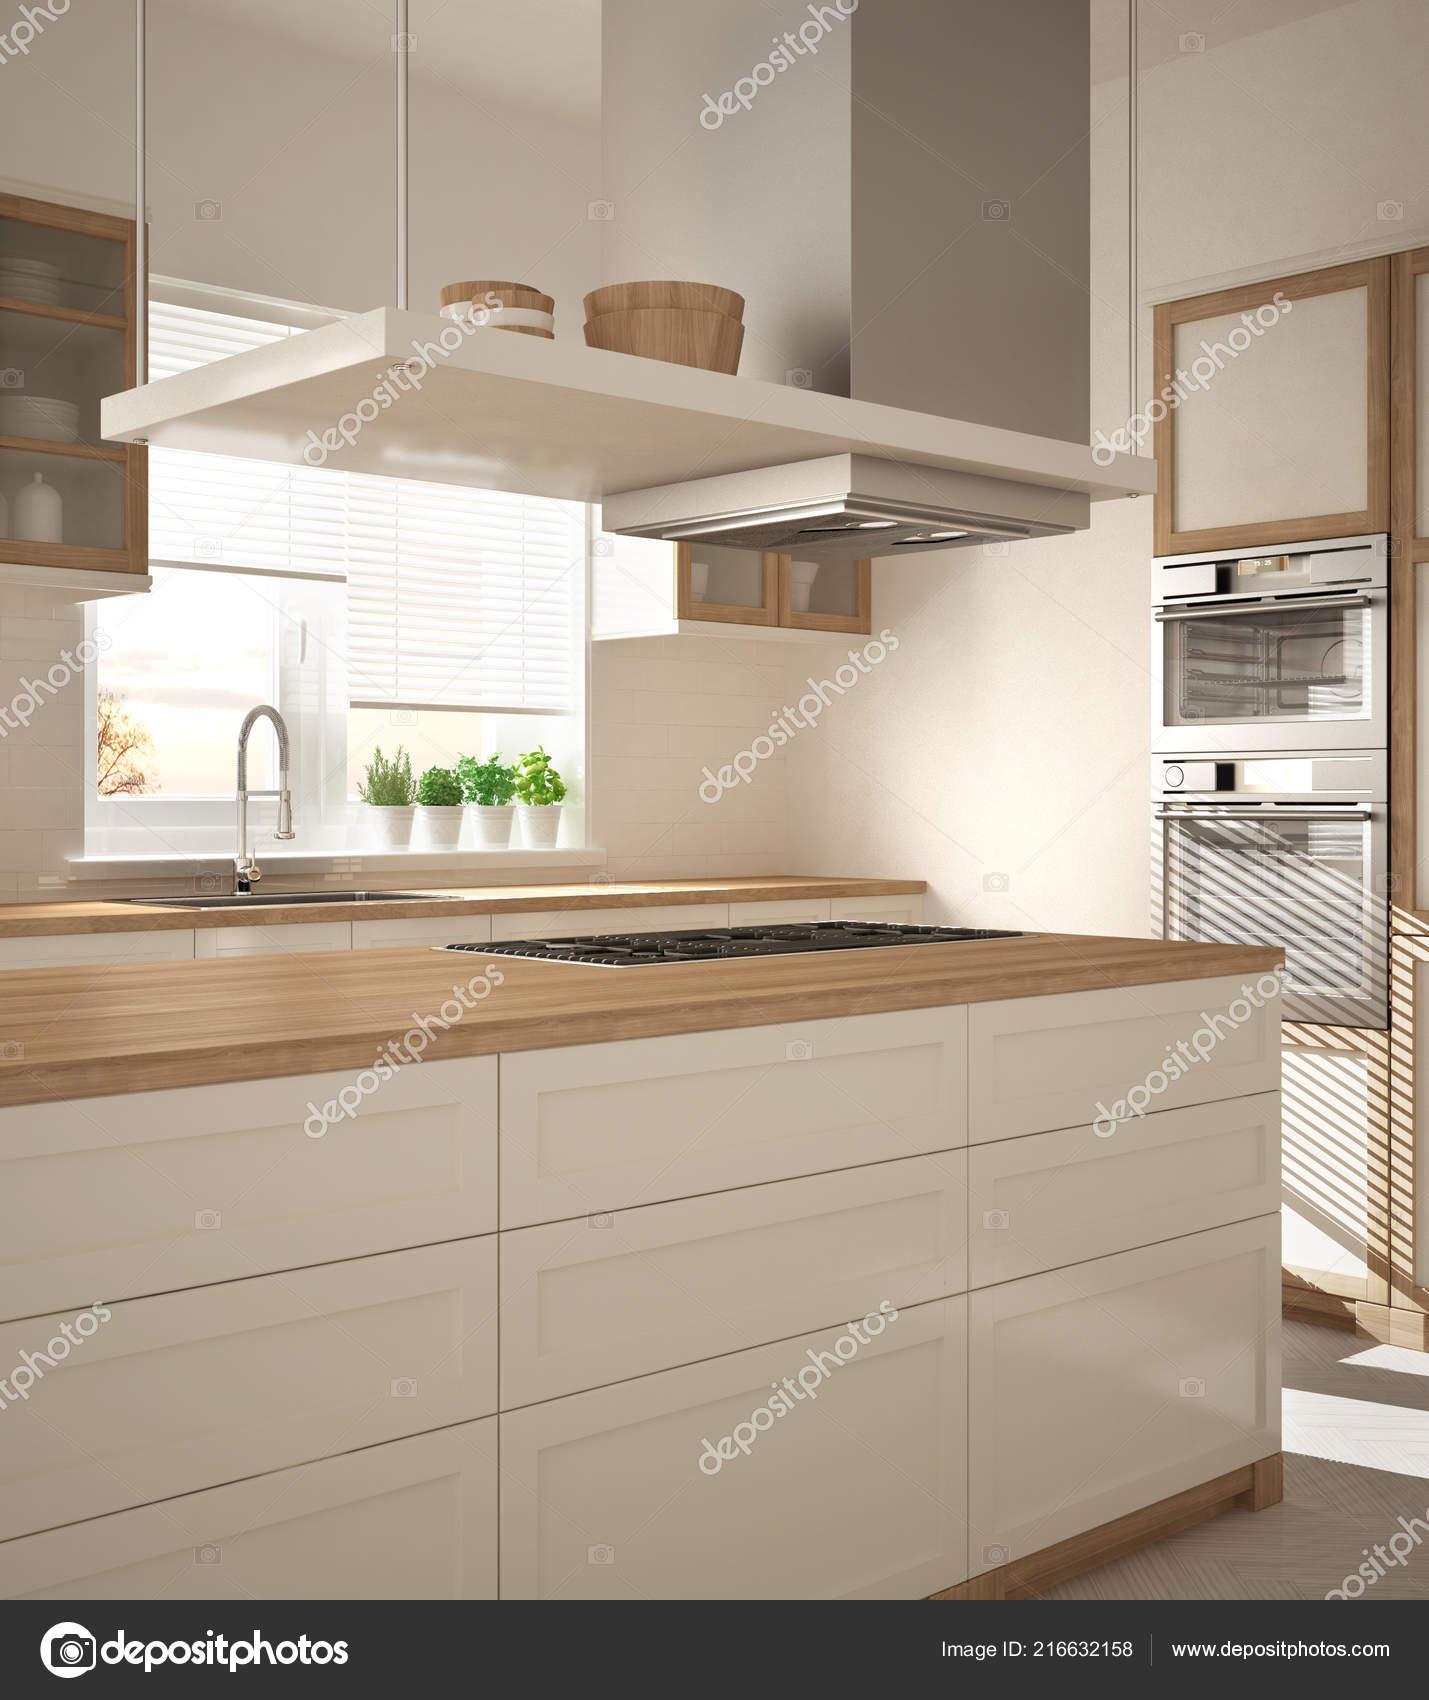 Moderne Holz Und Weiße Küche Mit Insel Gasherd Und Spüle — Stockfoto ...